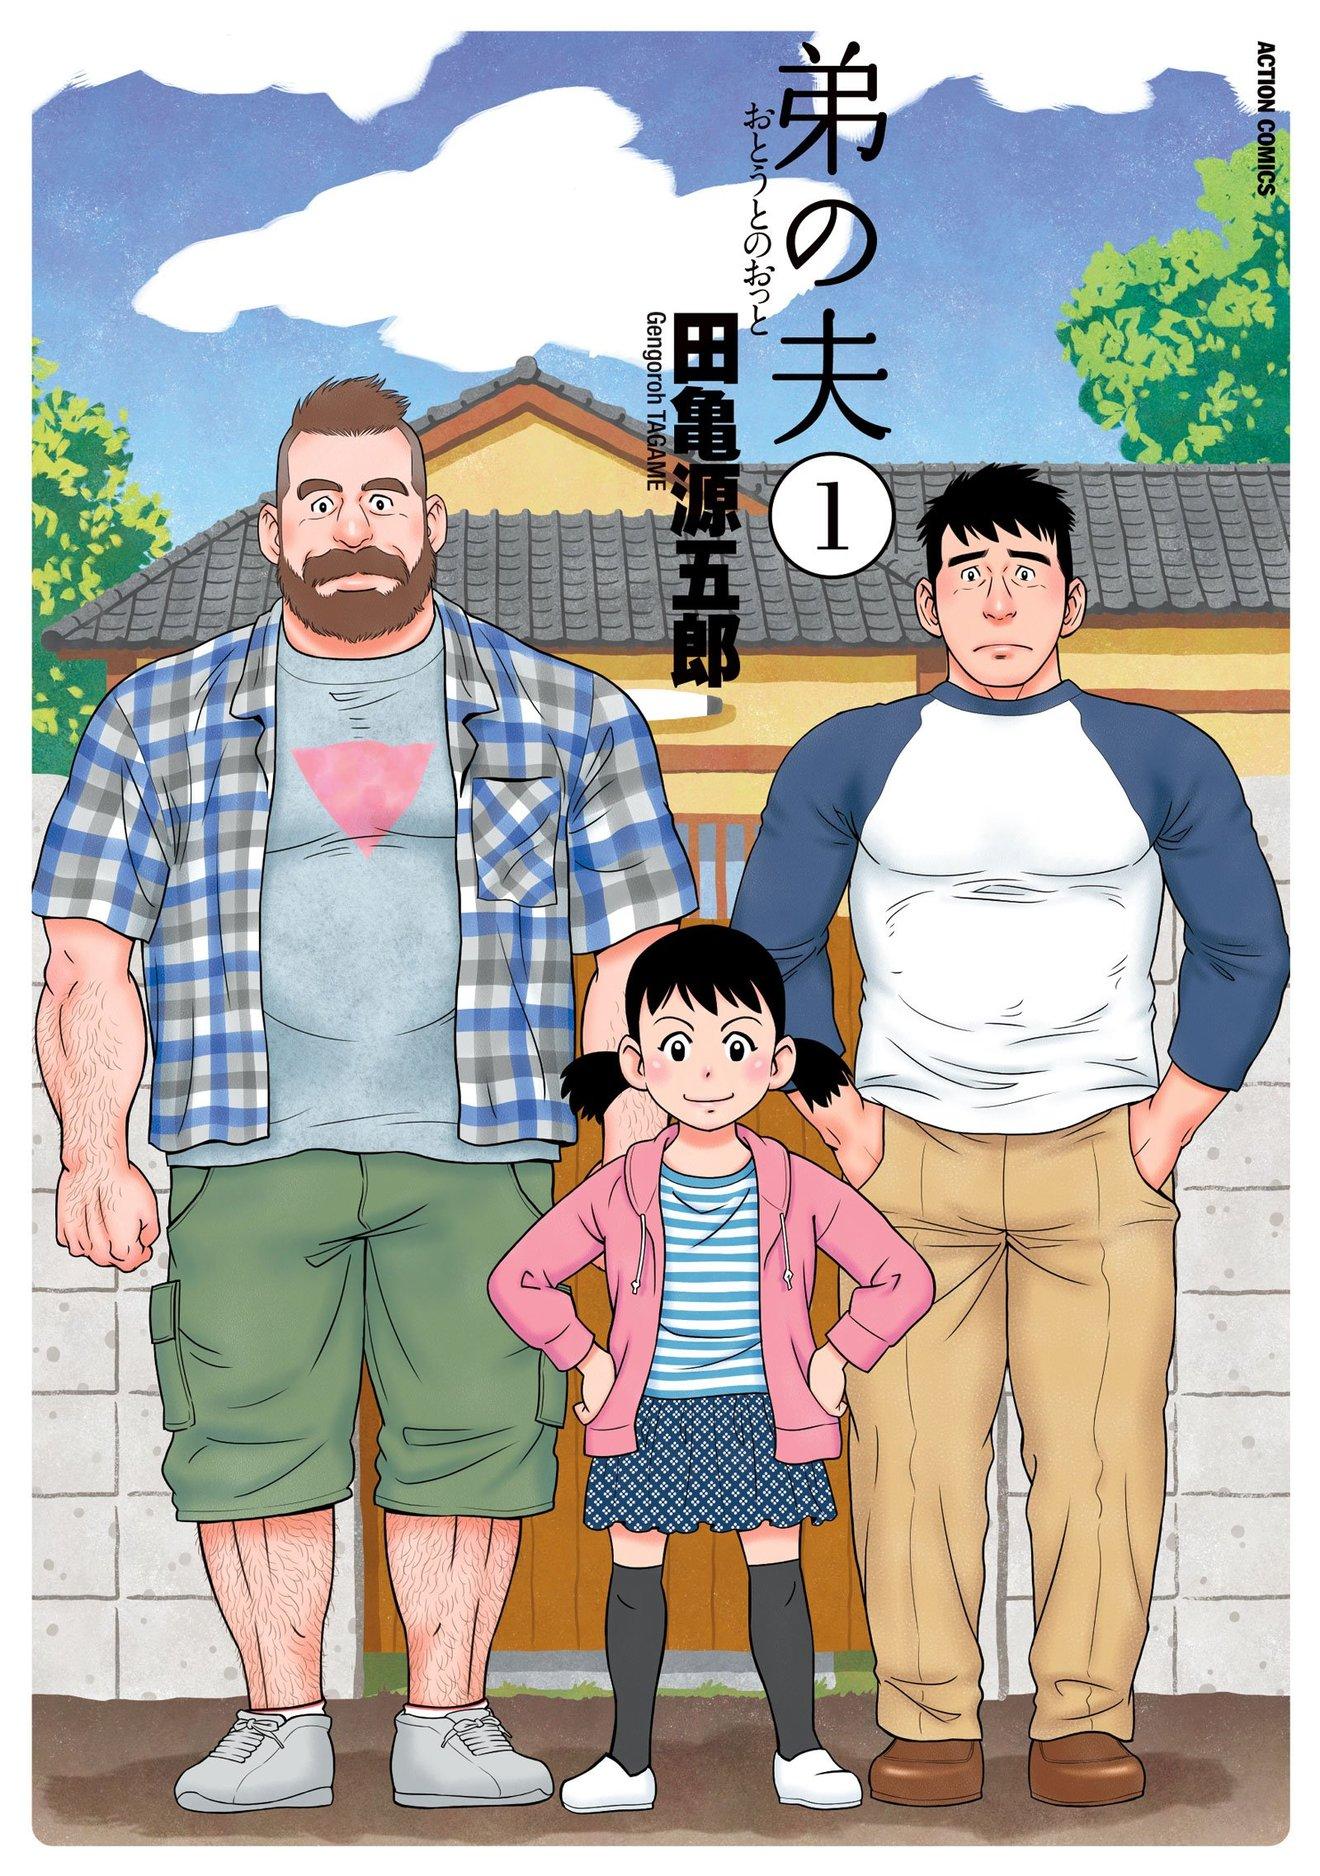 『弟の夫』が第4巻で完結!LGBT漫画の傑作が問いかける「愛のかたち」